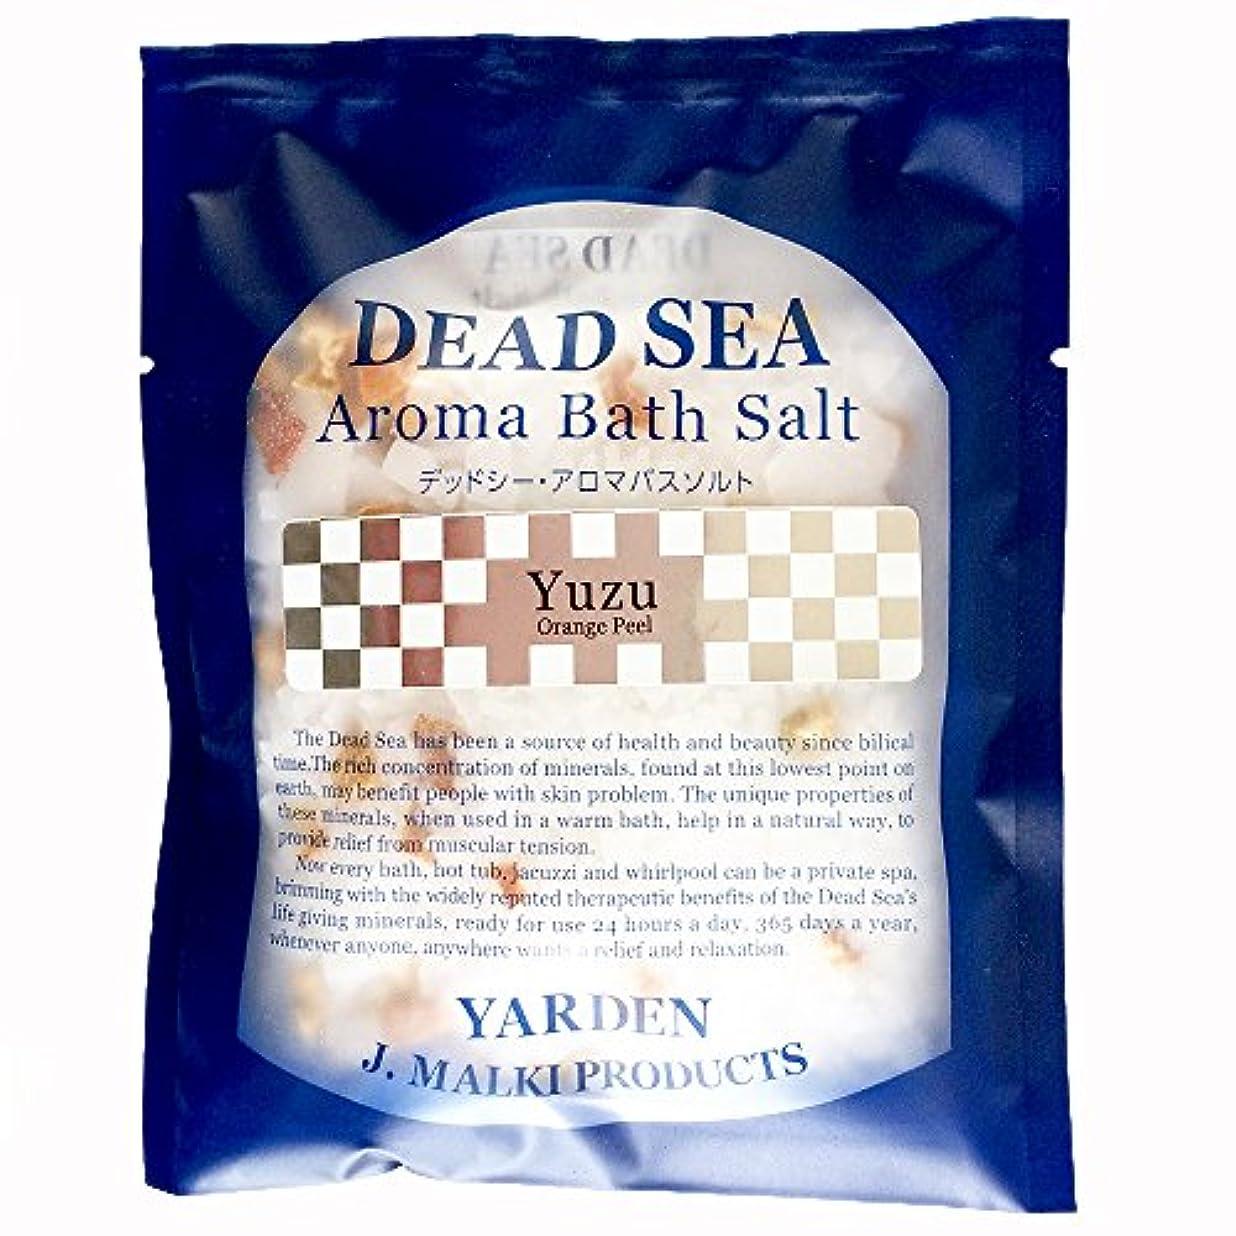 ボートランク後方にデッドシー?アロマバスソルト/ユズ 80g 【DEAD SEA AROMA BATH SALT】死海の塩+精油+ハーブ/入浴剤(入浴用化粧品)【正規販売店】